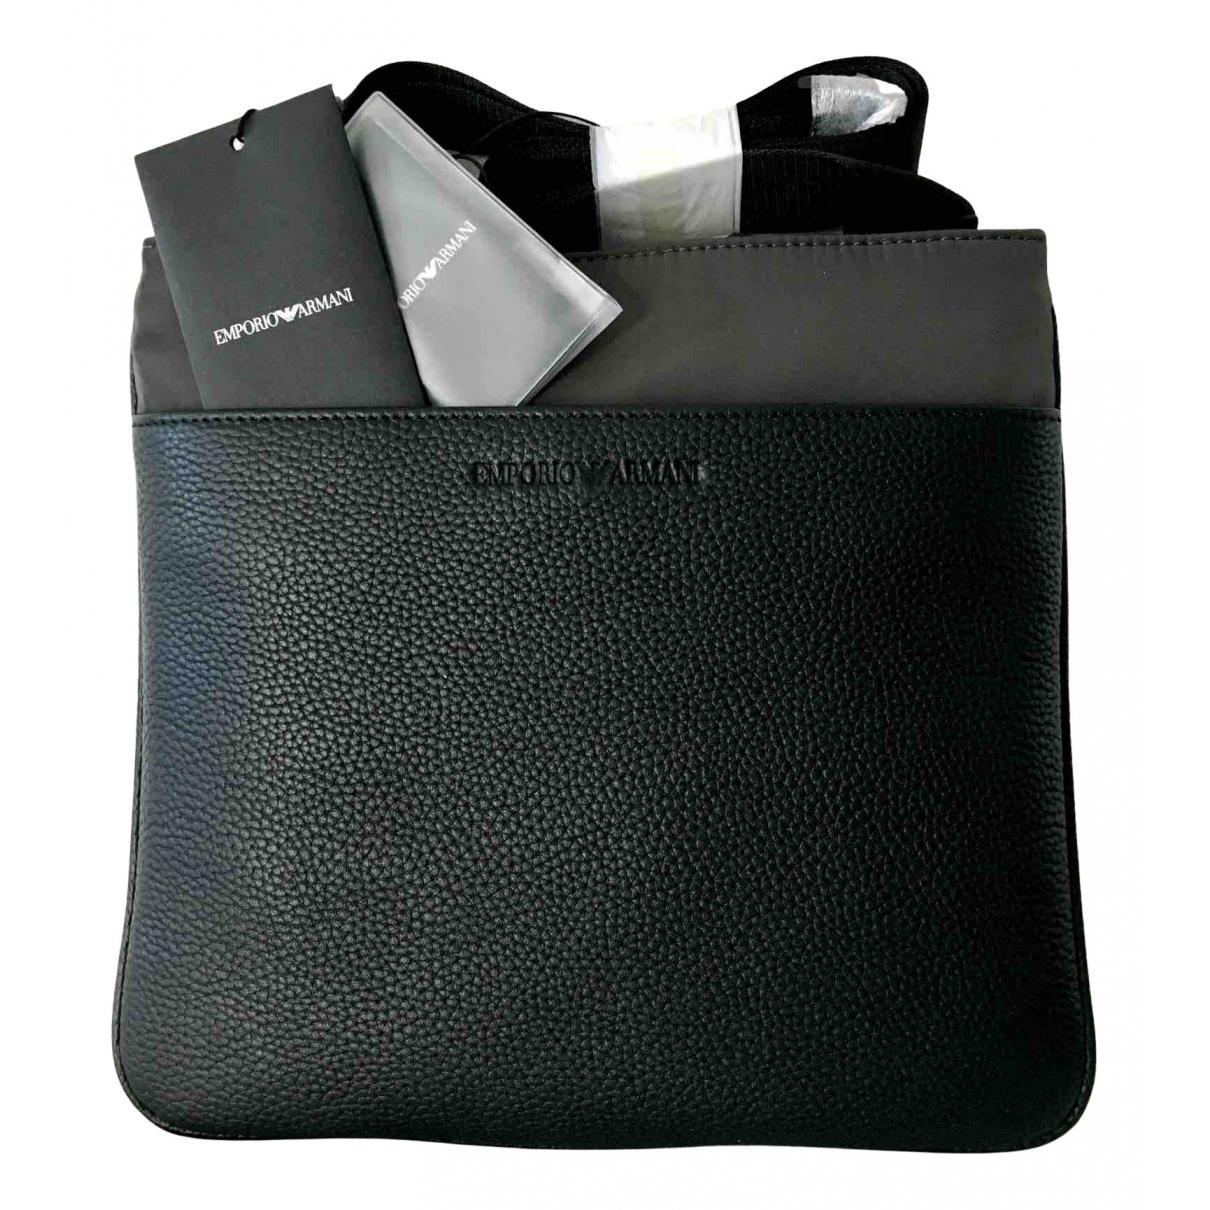 Emporio Armani - Petite maroquinerie   pour homme en cuir - noir